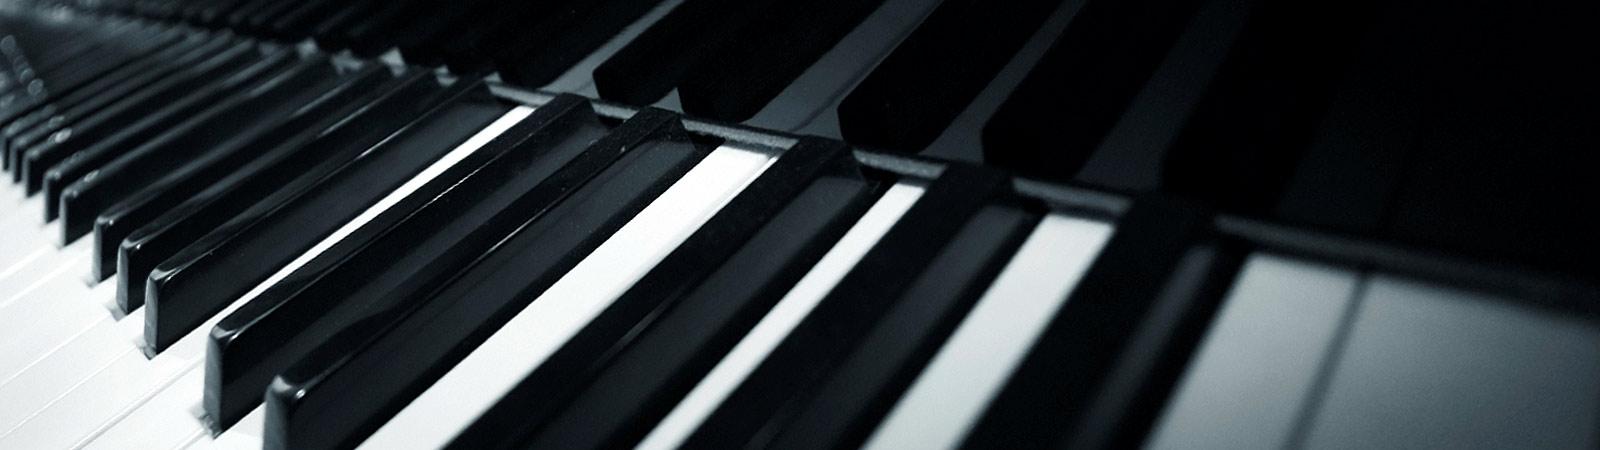 Pianovervoer Eindhoven | Vereijken Verhuisbedrijf, Transport en opslag uit Eindhoven